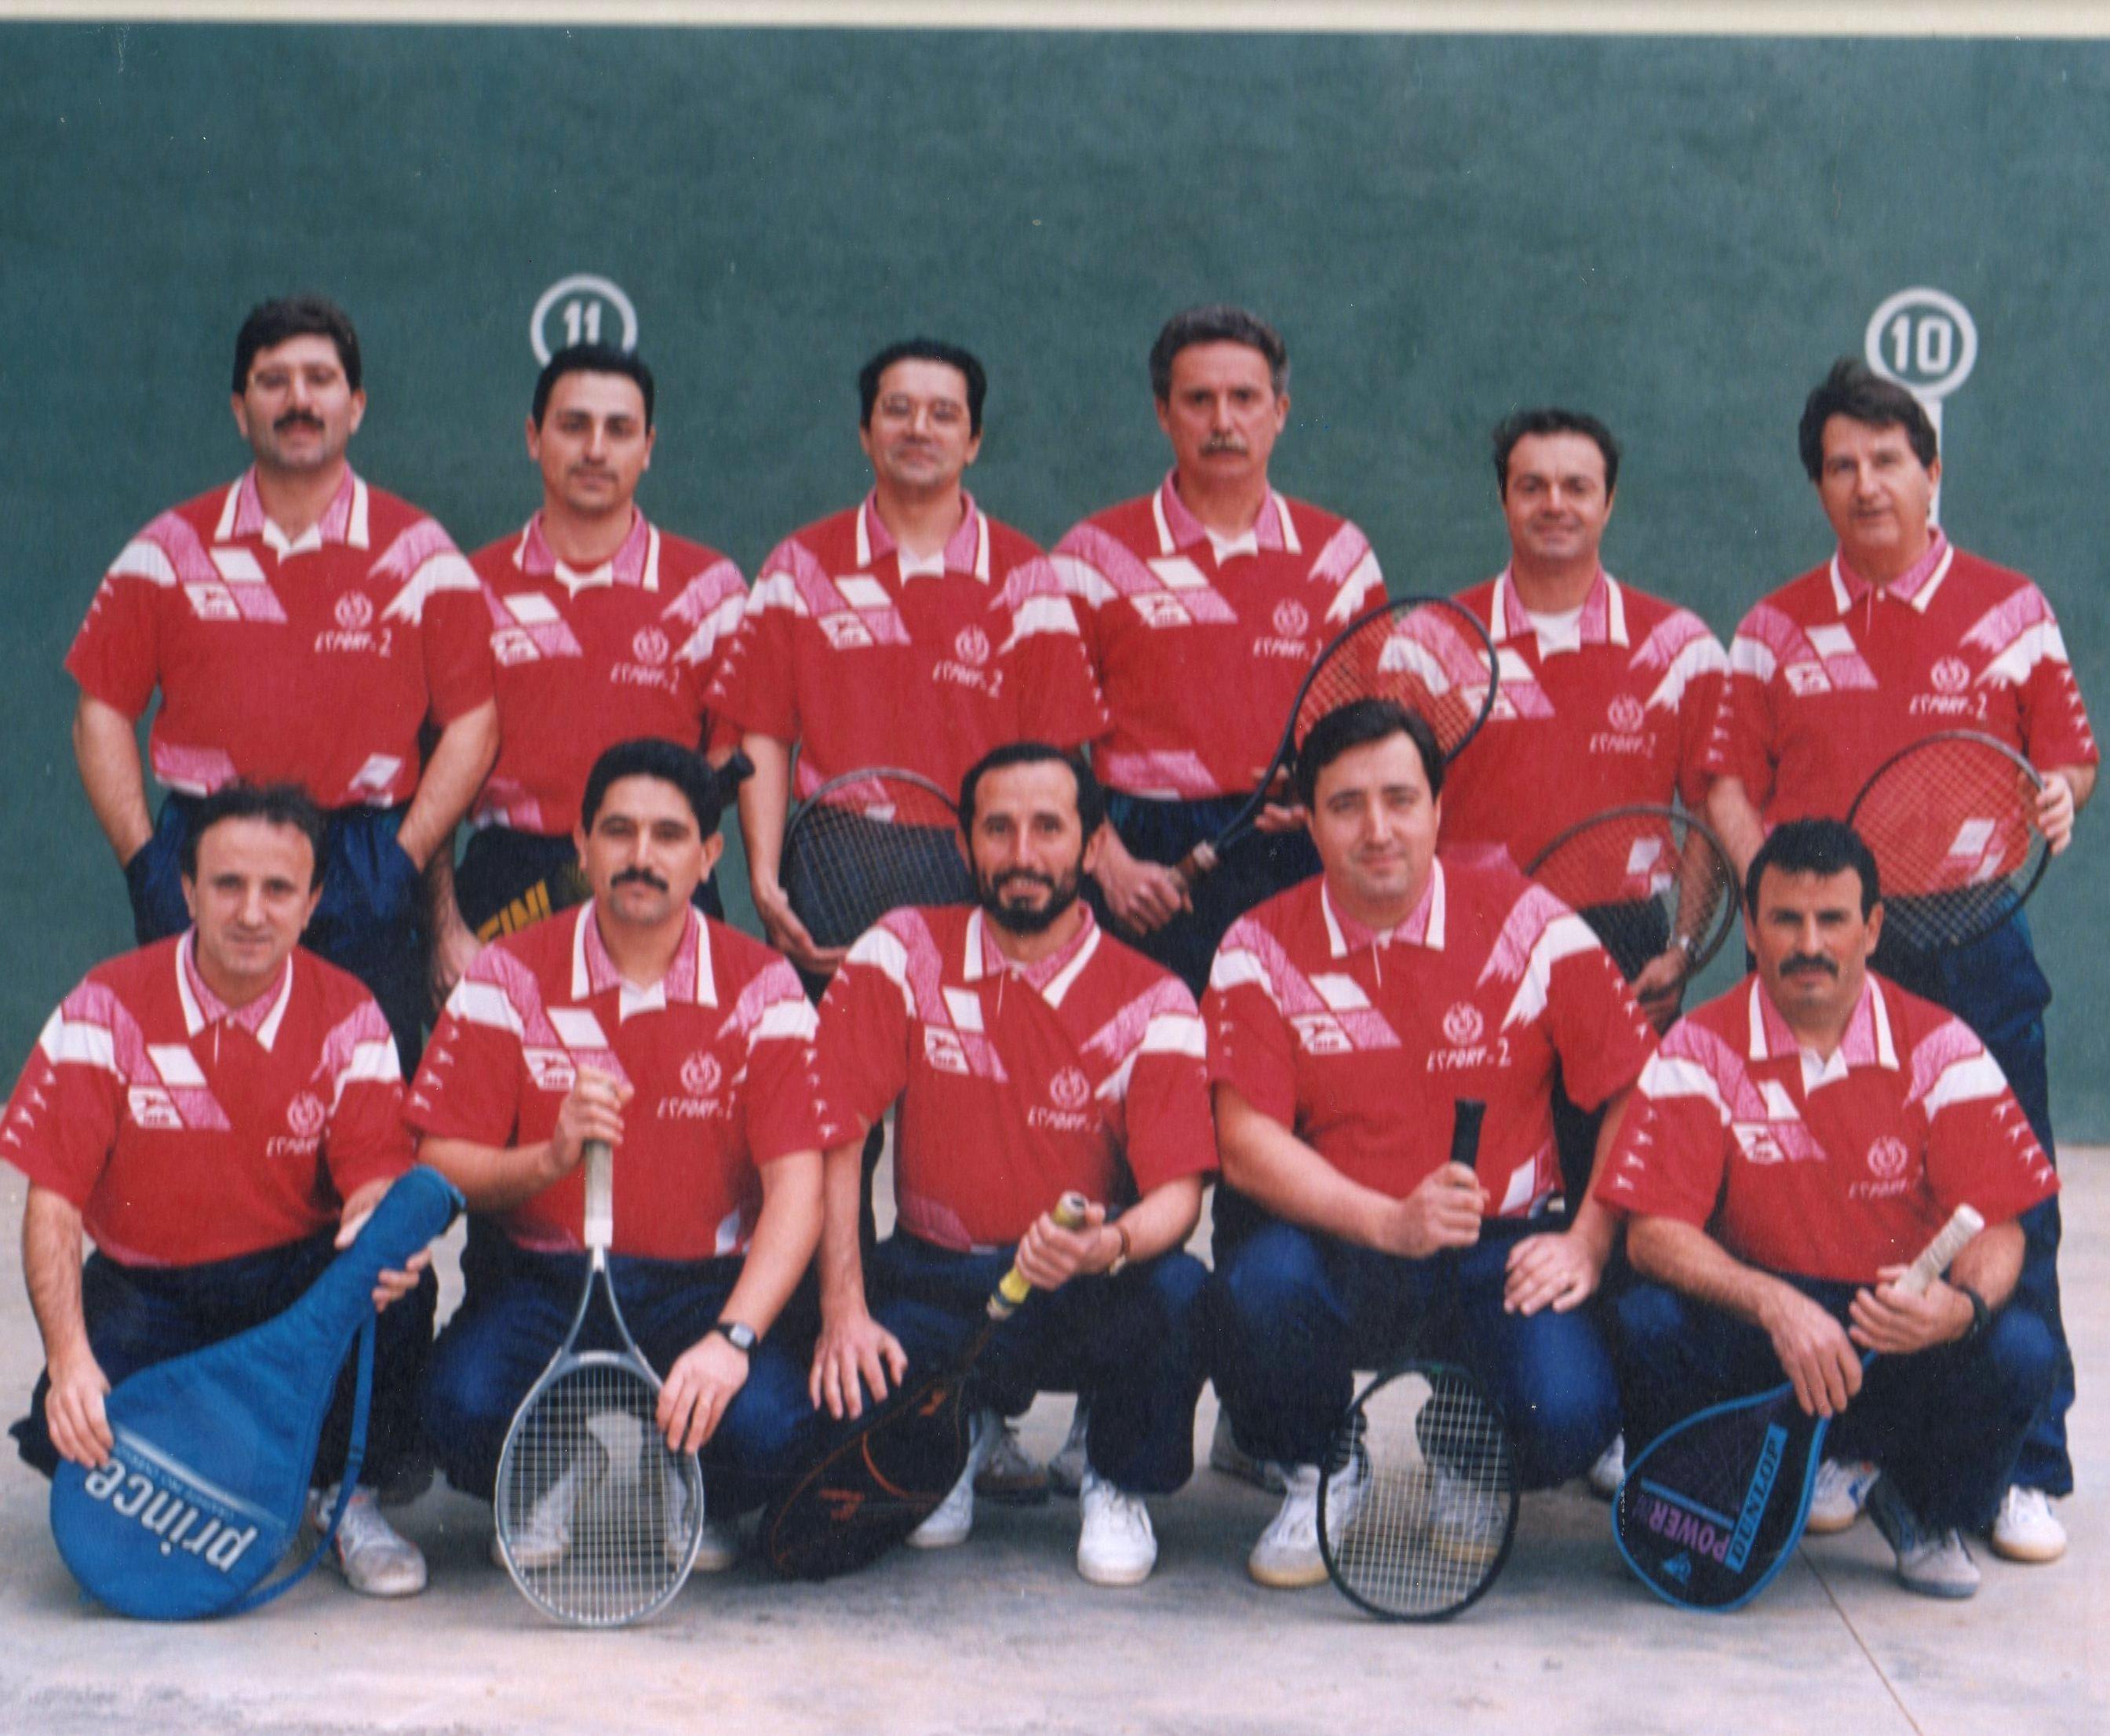 Un clásico de los equipos de frontenis. www.clubdetenisvila-real.es